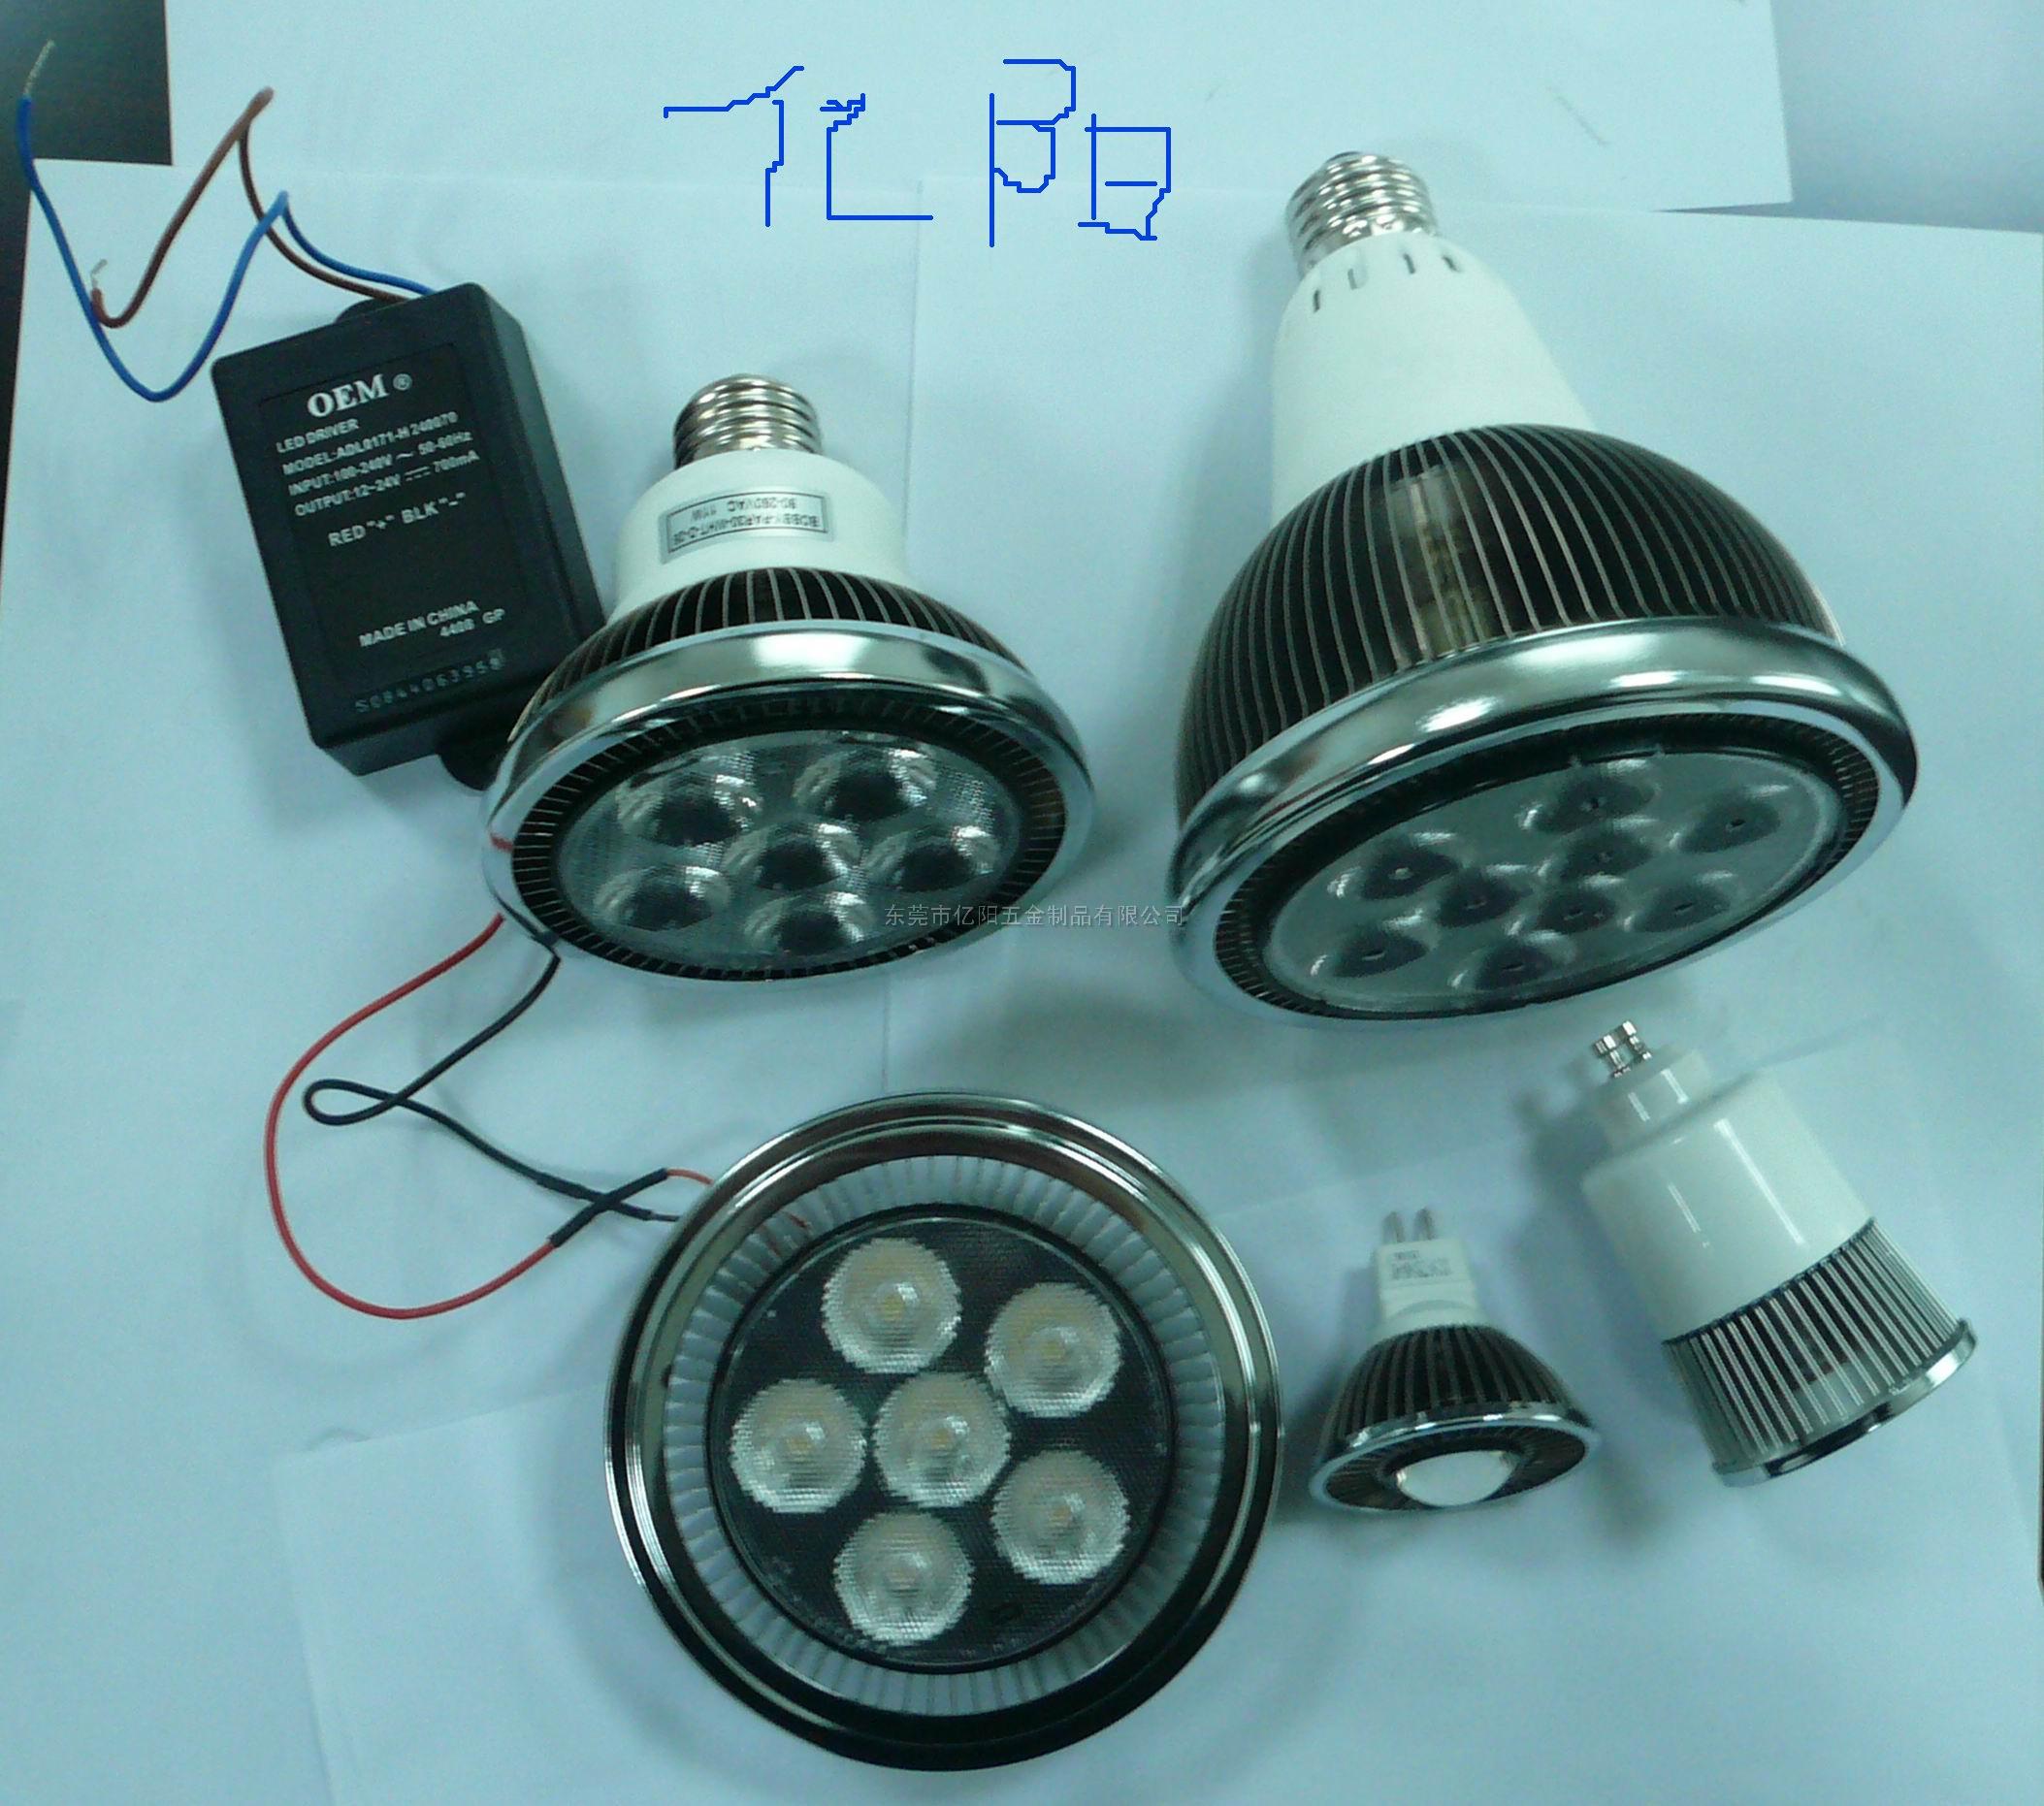 招大功率LED燈銷售商